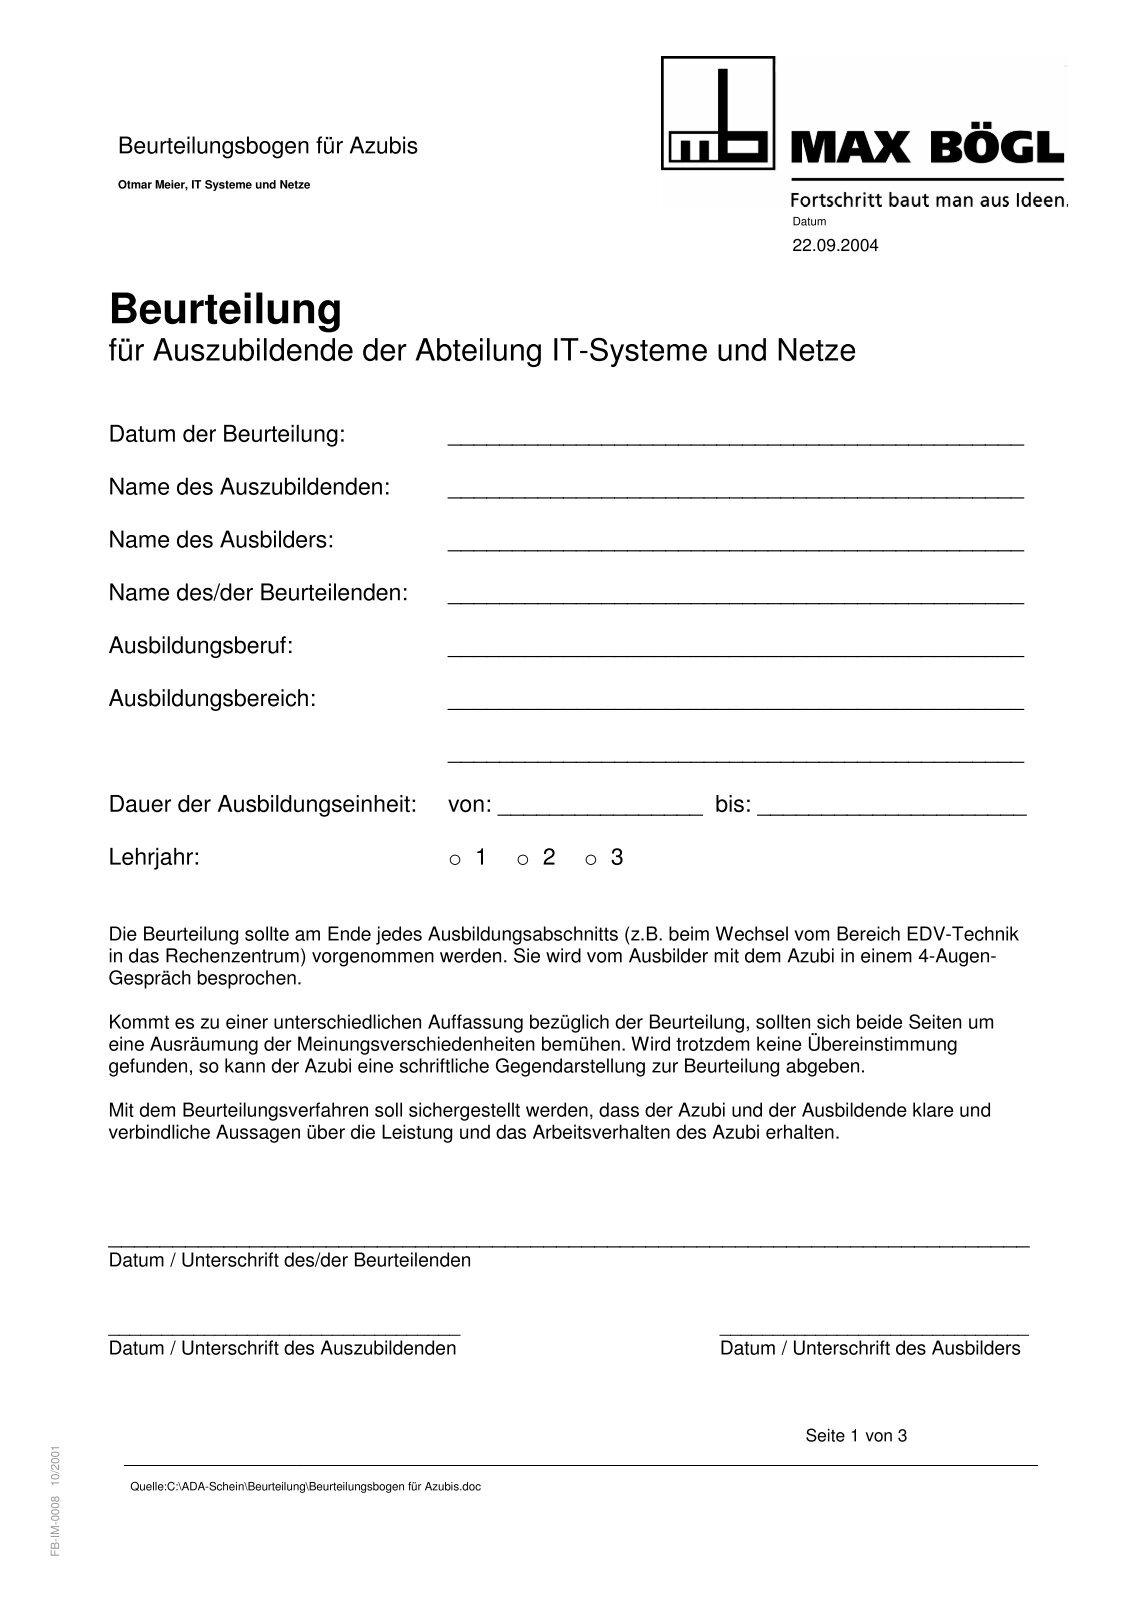 Beste Fitness Beurteilungsbogen Bilder - FORTSETZUNG ARBEITSBLATT ...